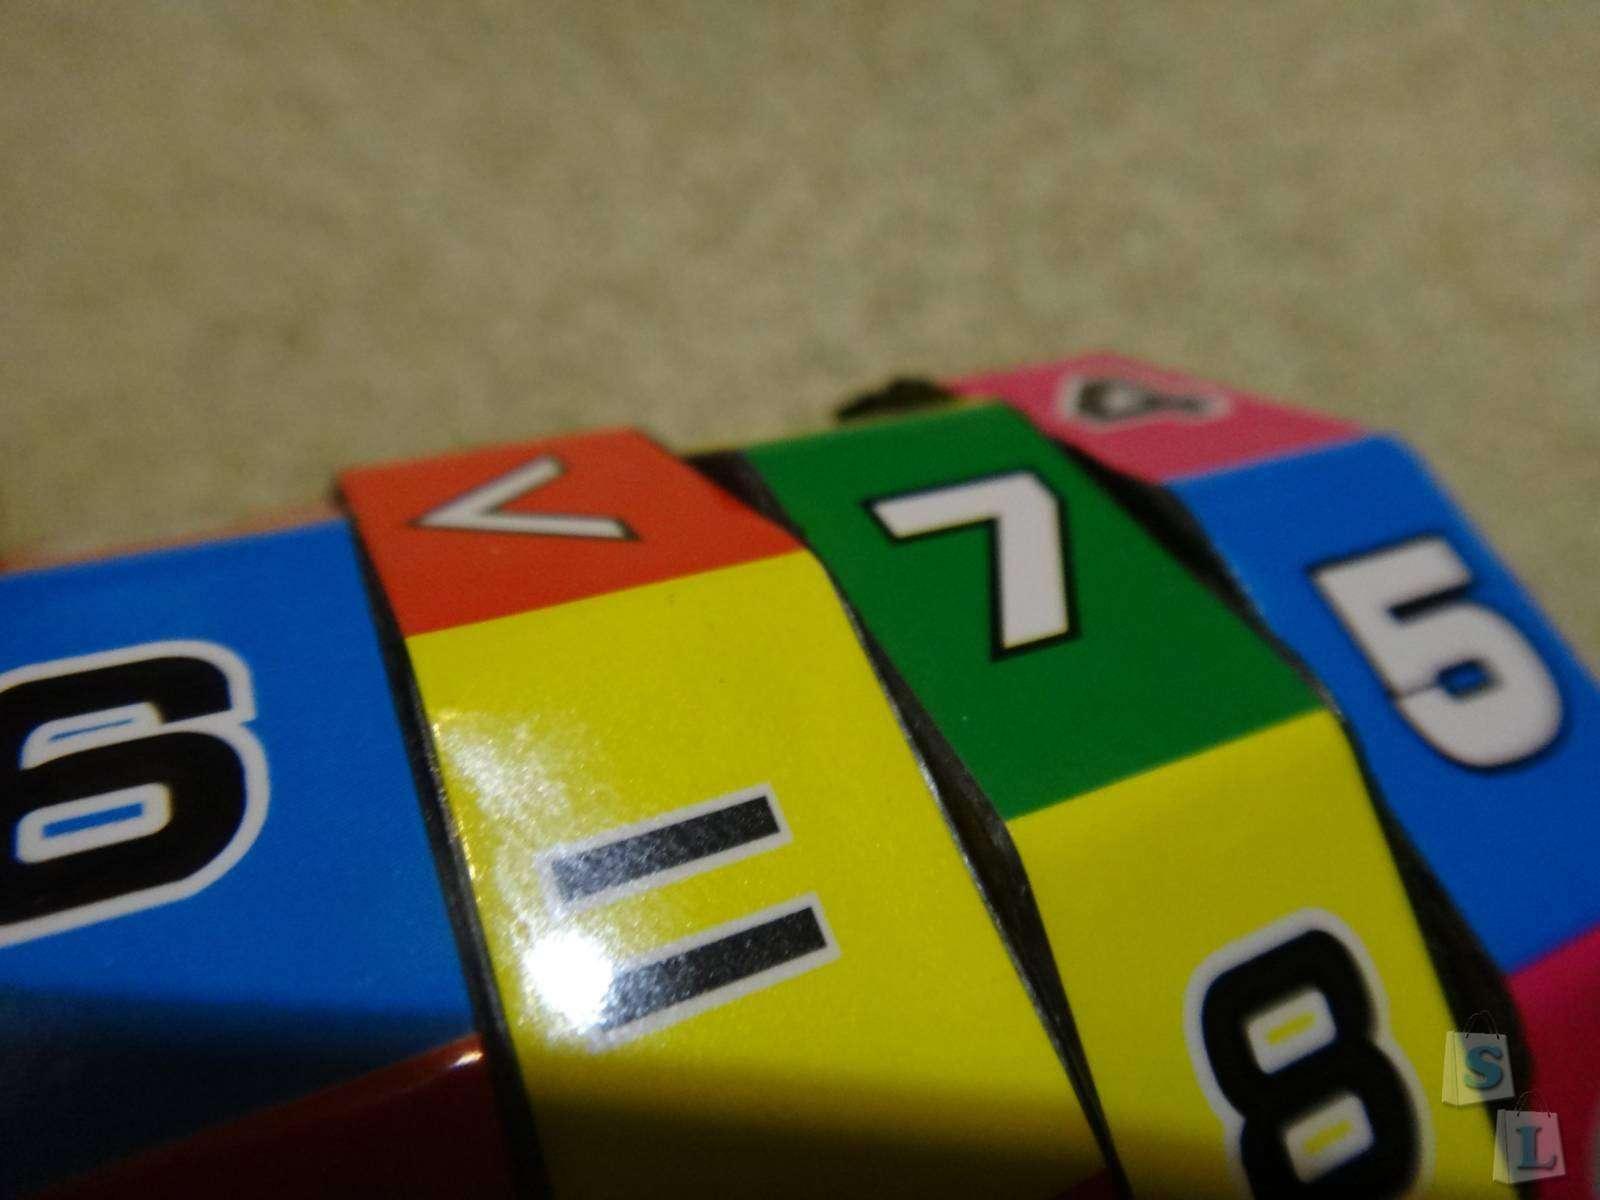 GearBest: Обзор настольной игрушки для изучения математики